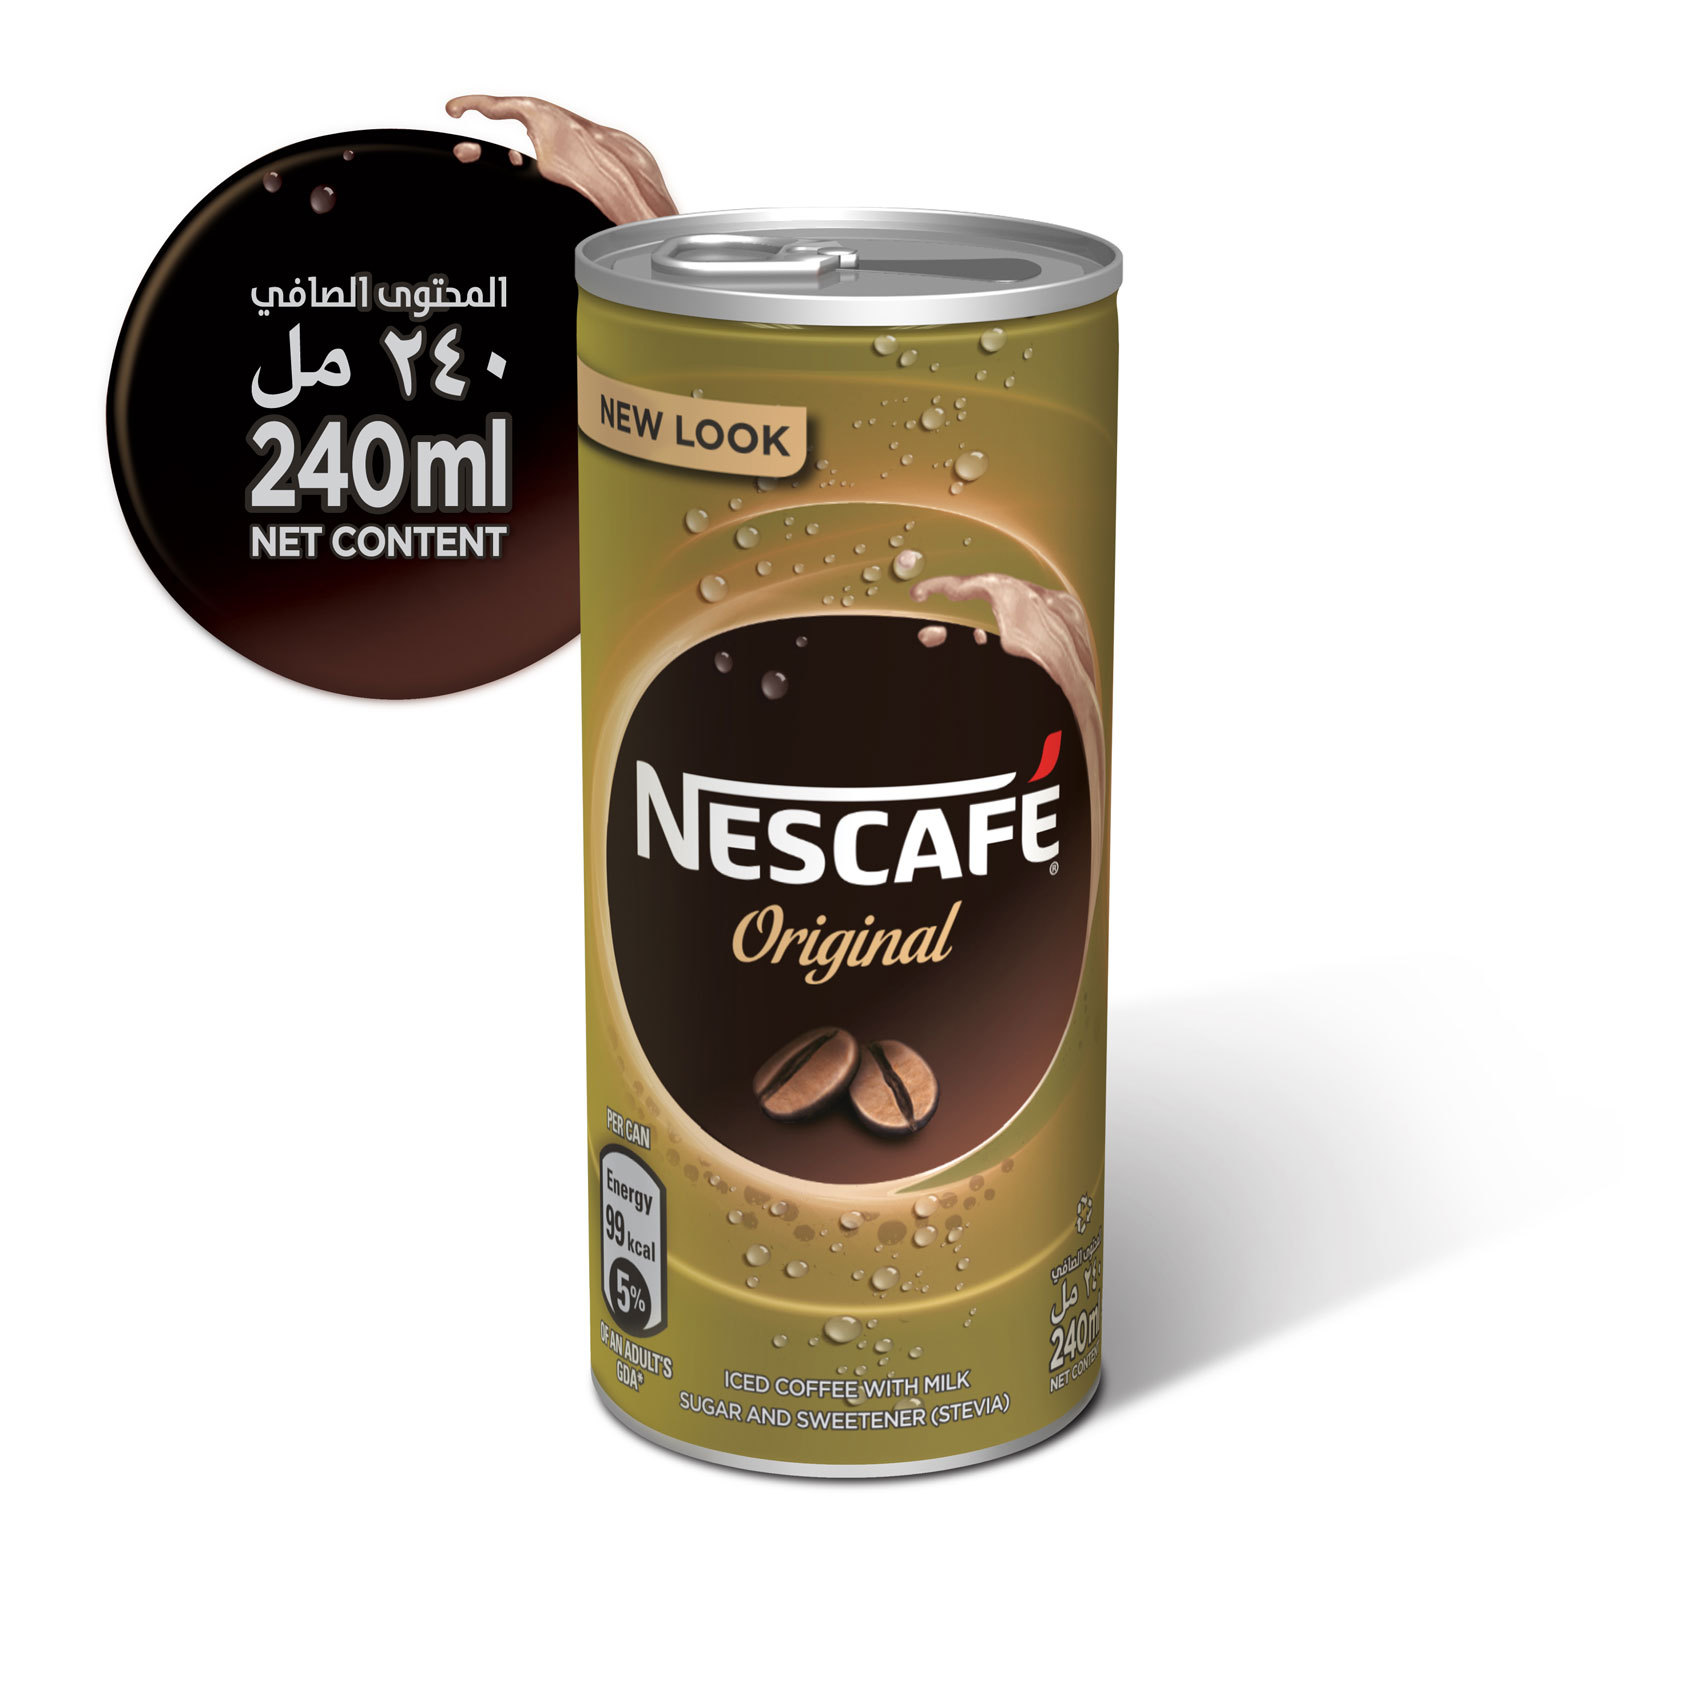 NESCAFE DRINK ORIGINAL 240MLX6